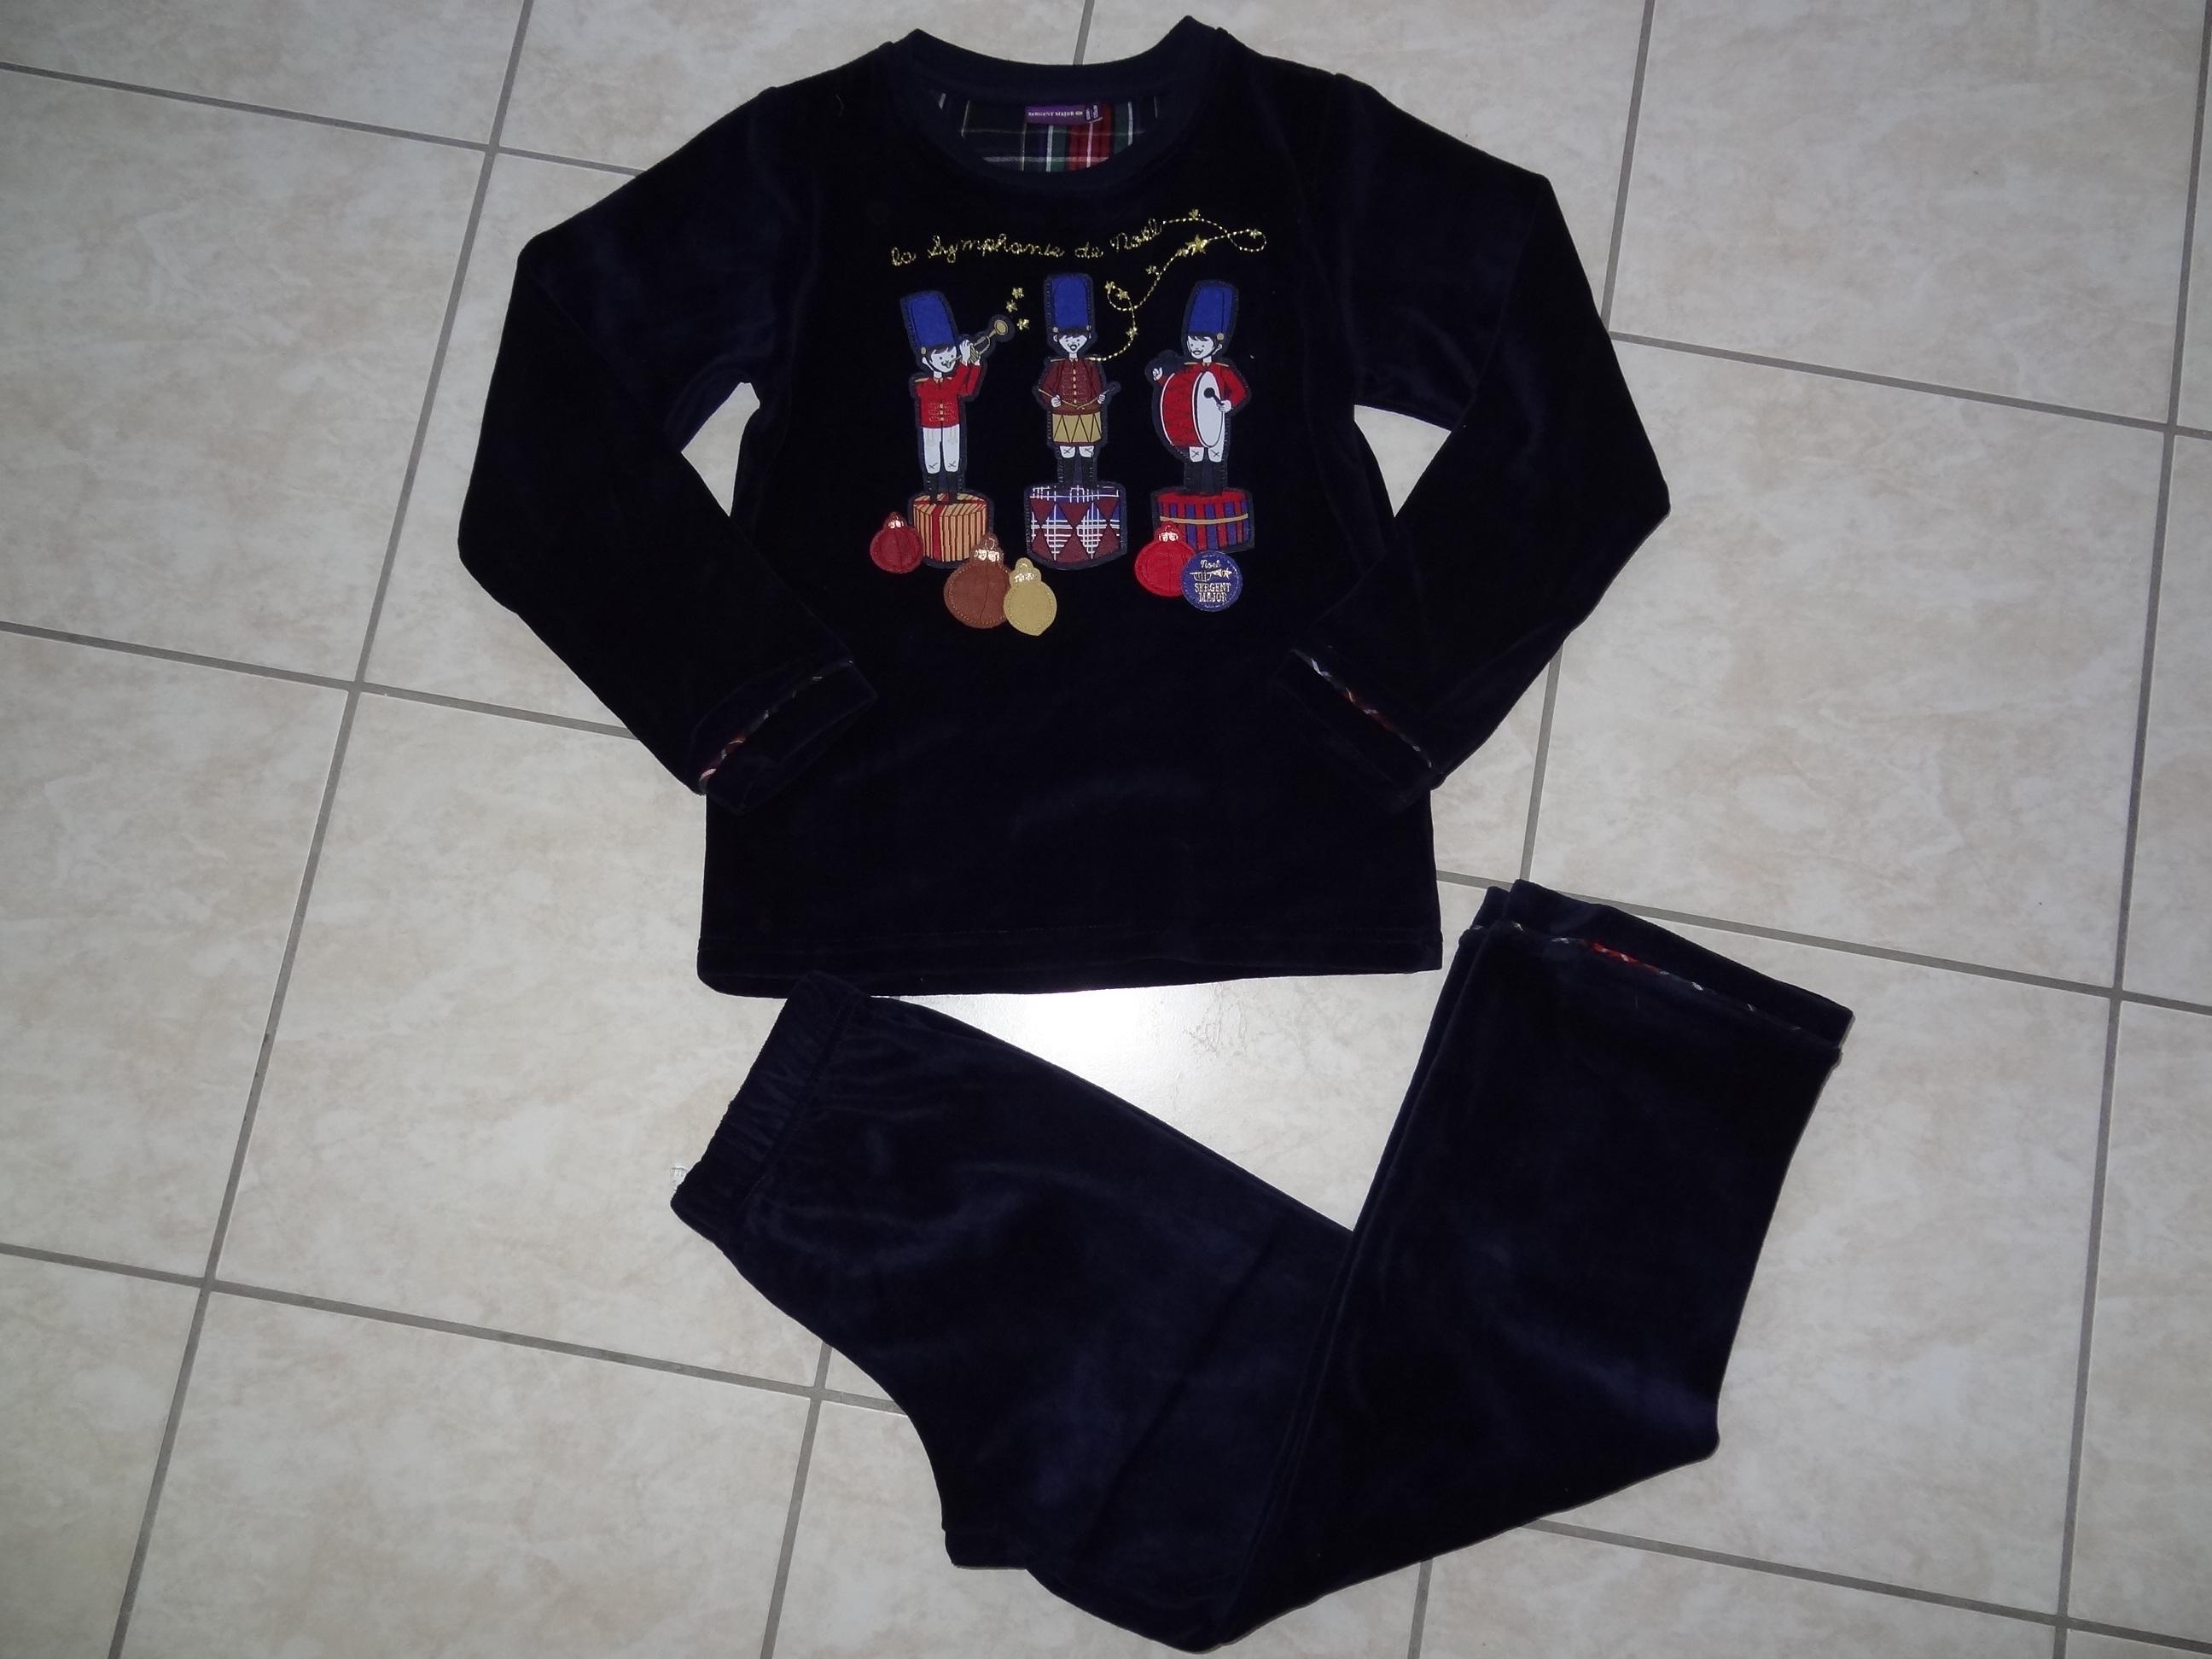 ae01610aeda87 Sergent major les pyjamas rêveurs de noël 8 ans. Alerter les modérateurs  Voir l image au format original